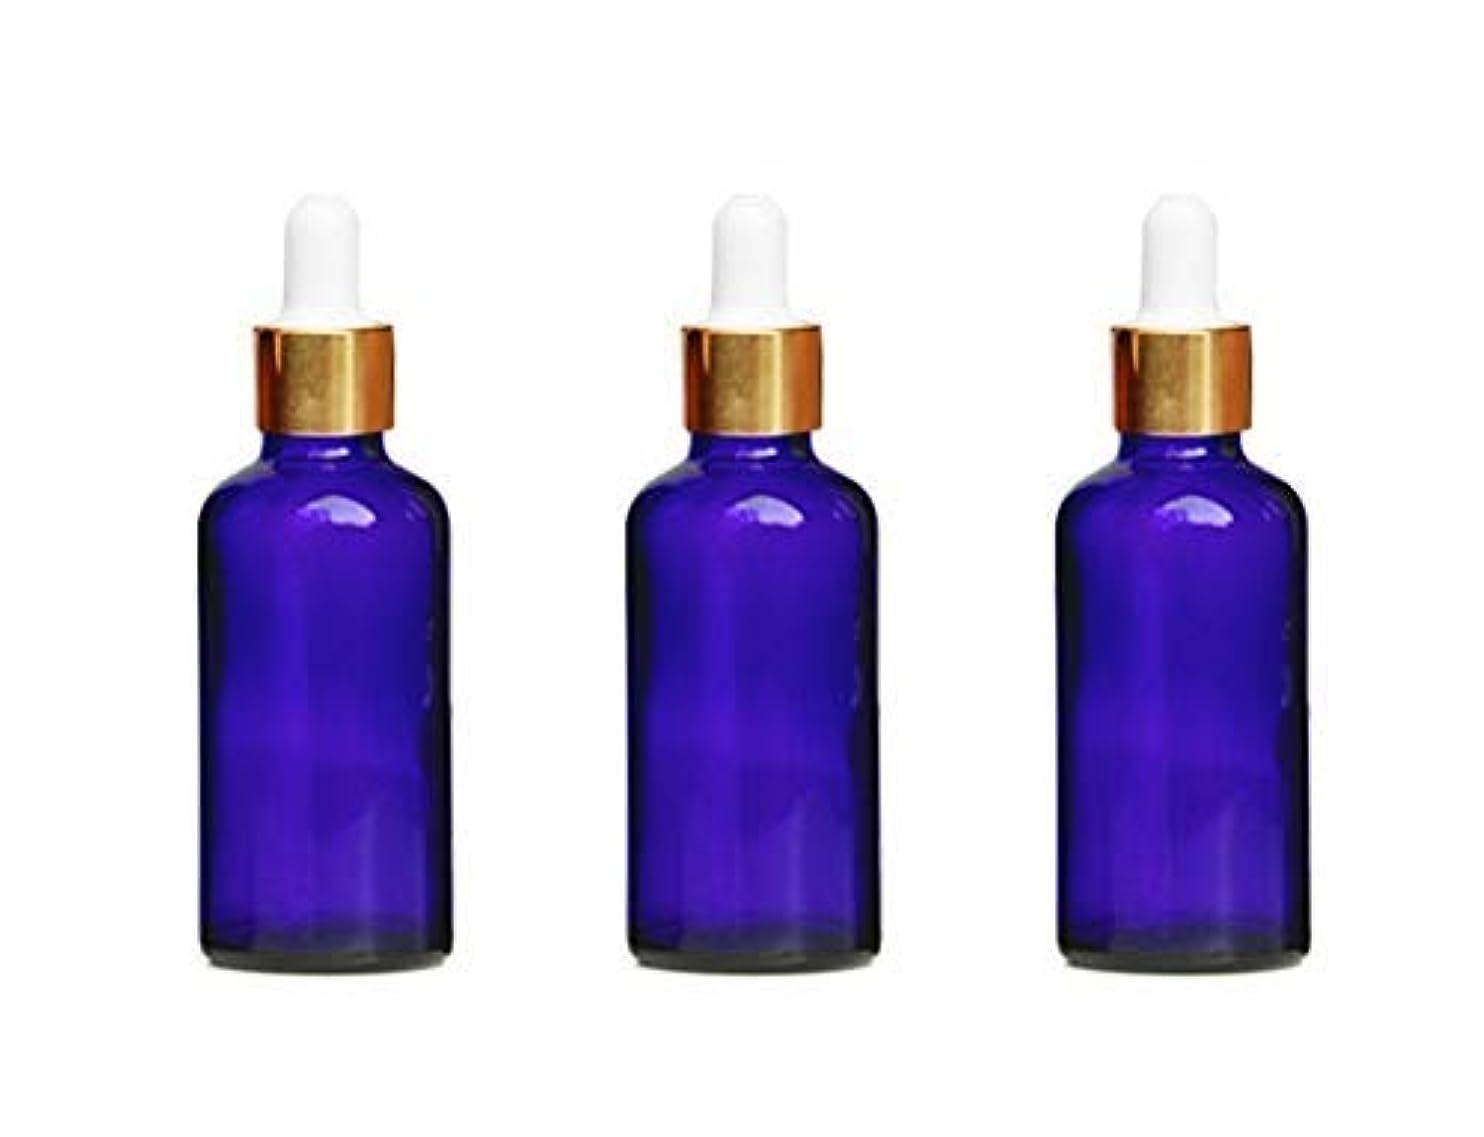 有名人適格ビット3Pcs Blue Glass Essential Oil Dropper Bottles Empty Refillable Makeup Cosmetic Sample Container Jars With Glass...